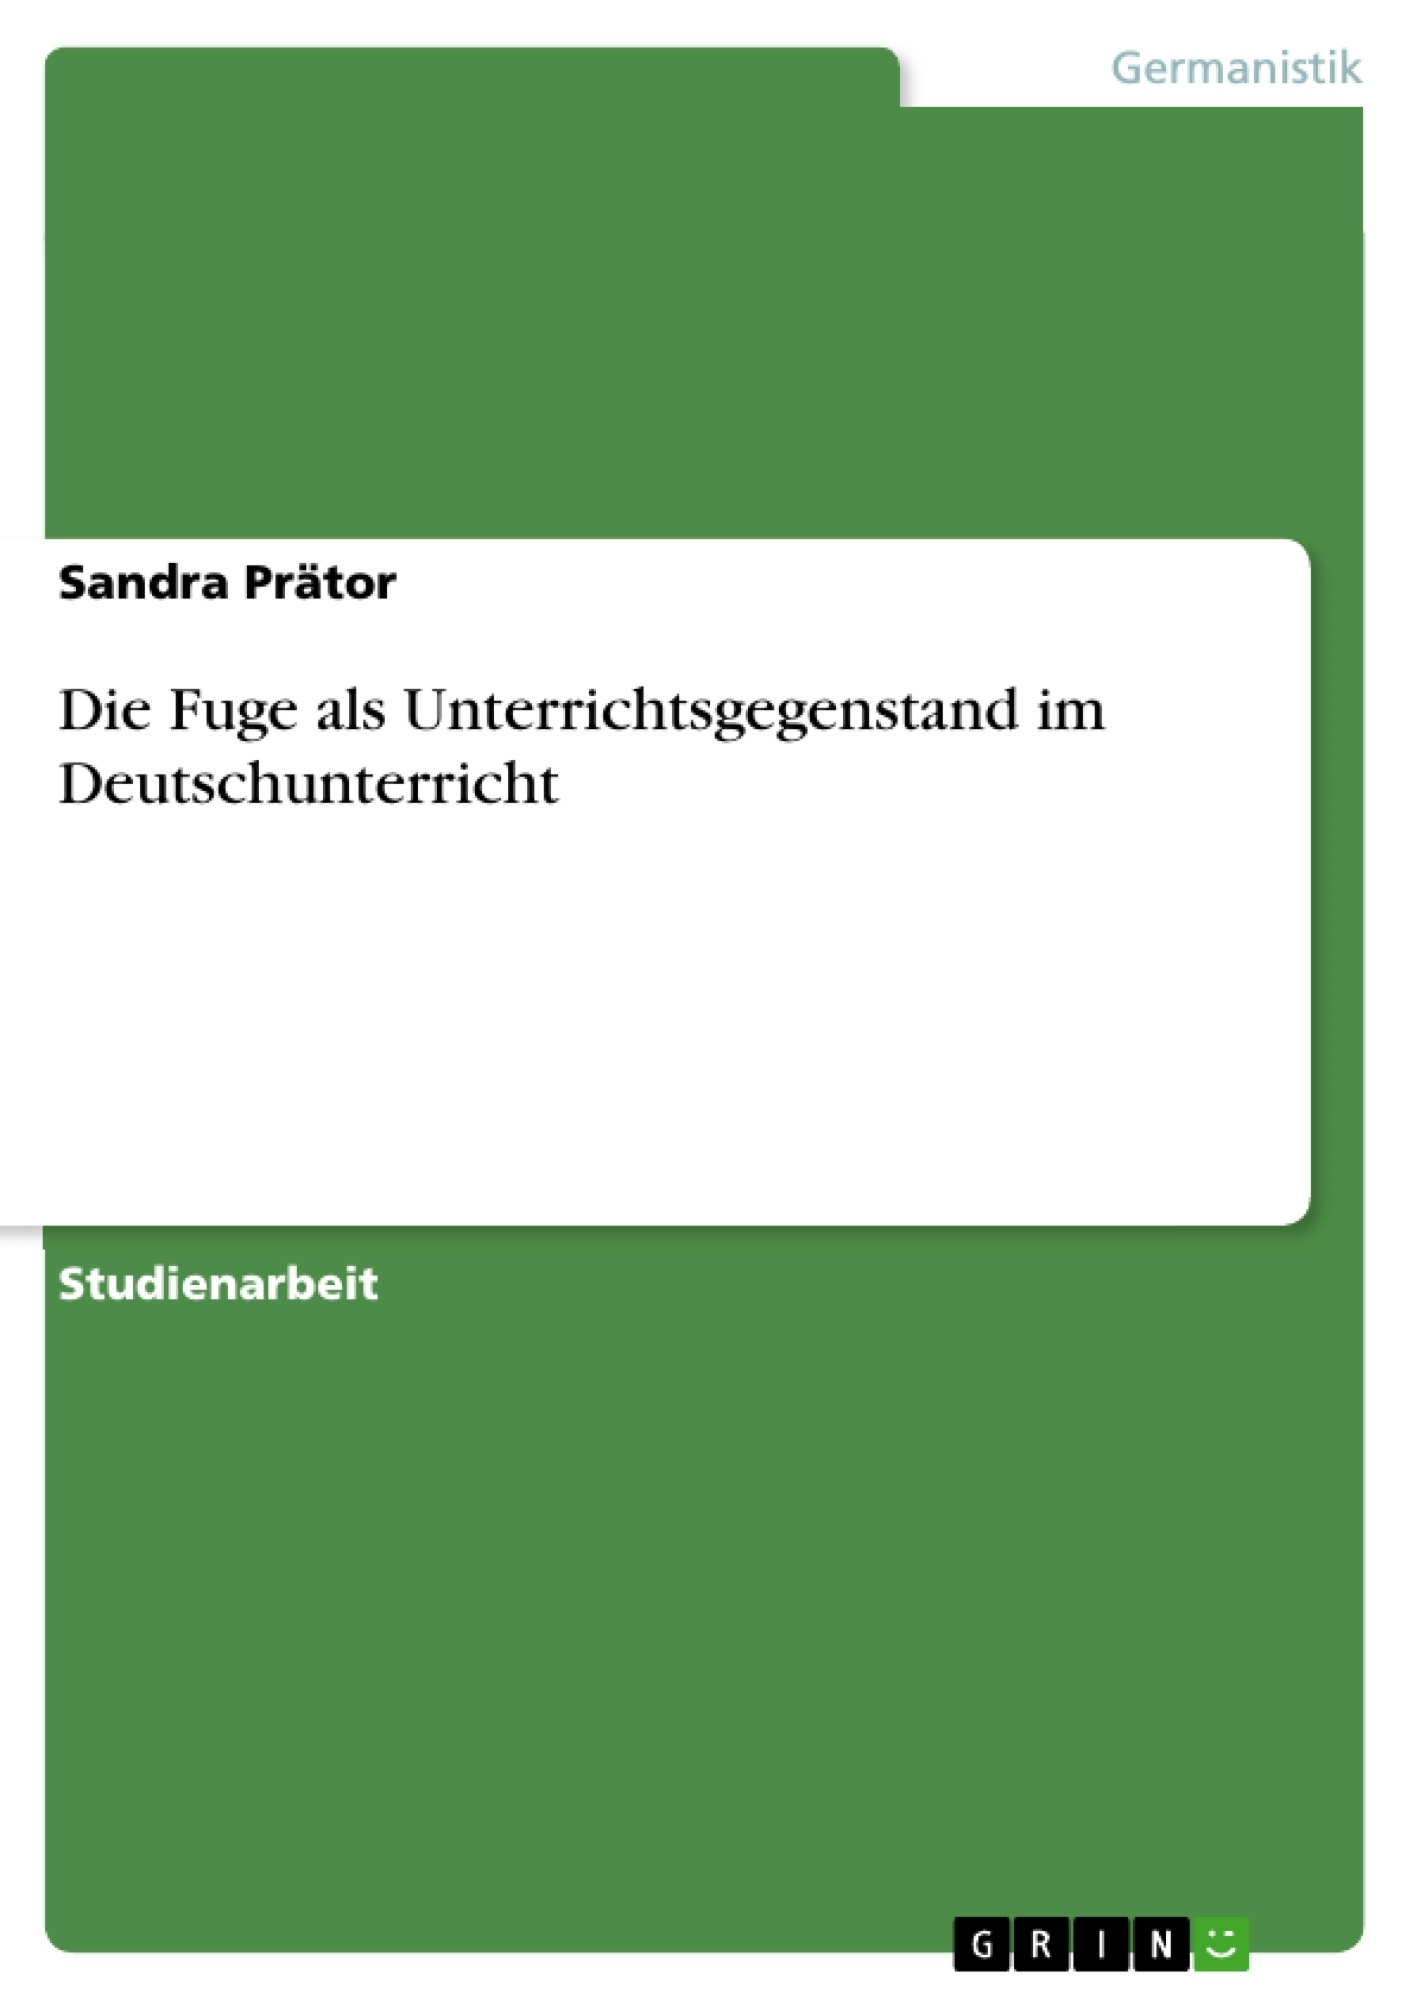 Titel: Die Fuge als Unterrichtsgegenstand im Deutschunterricht